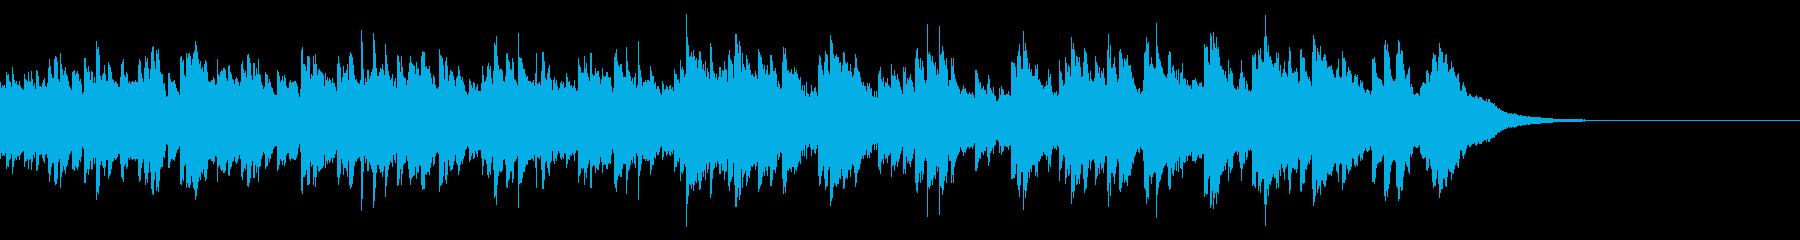 儚くせつないセンチメンタルなオルゴール曲の再生済みの波形